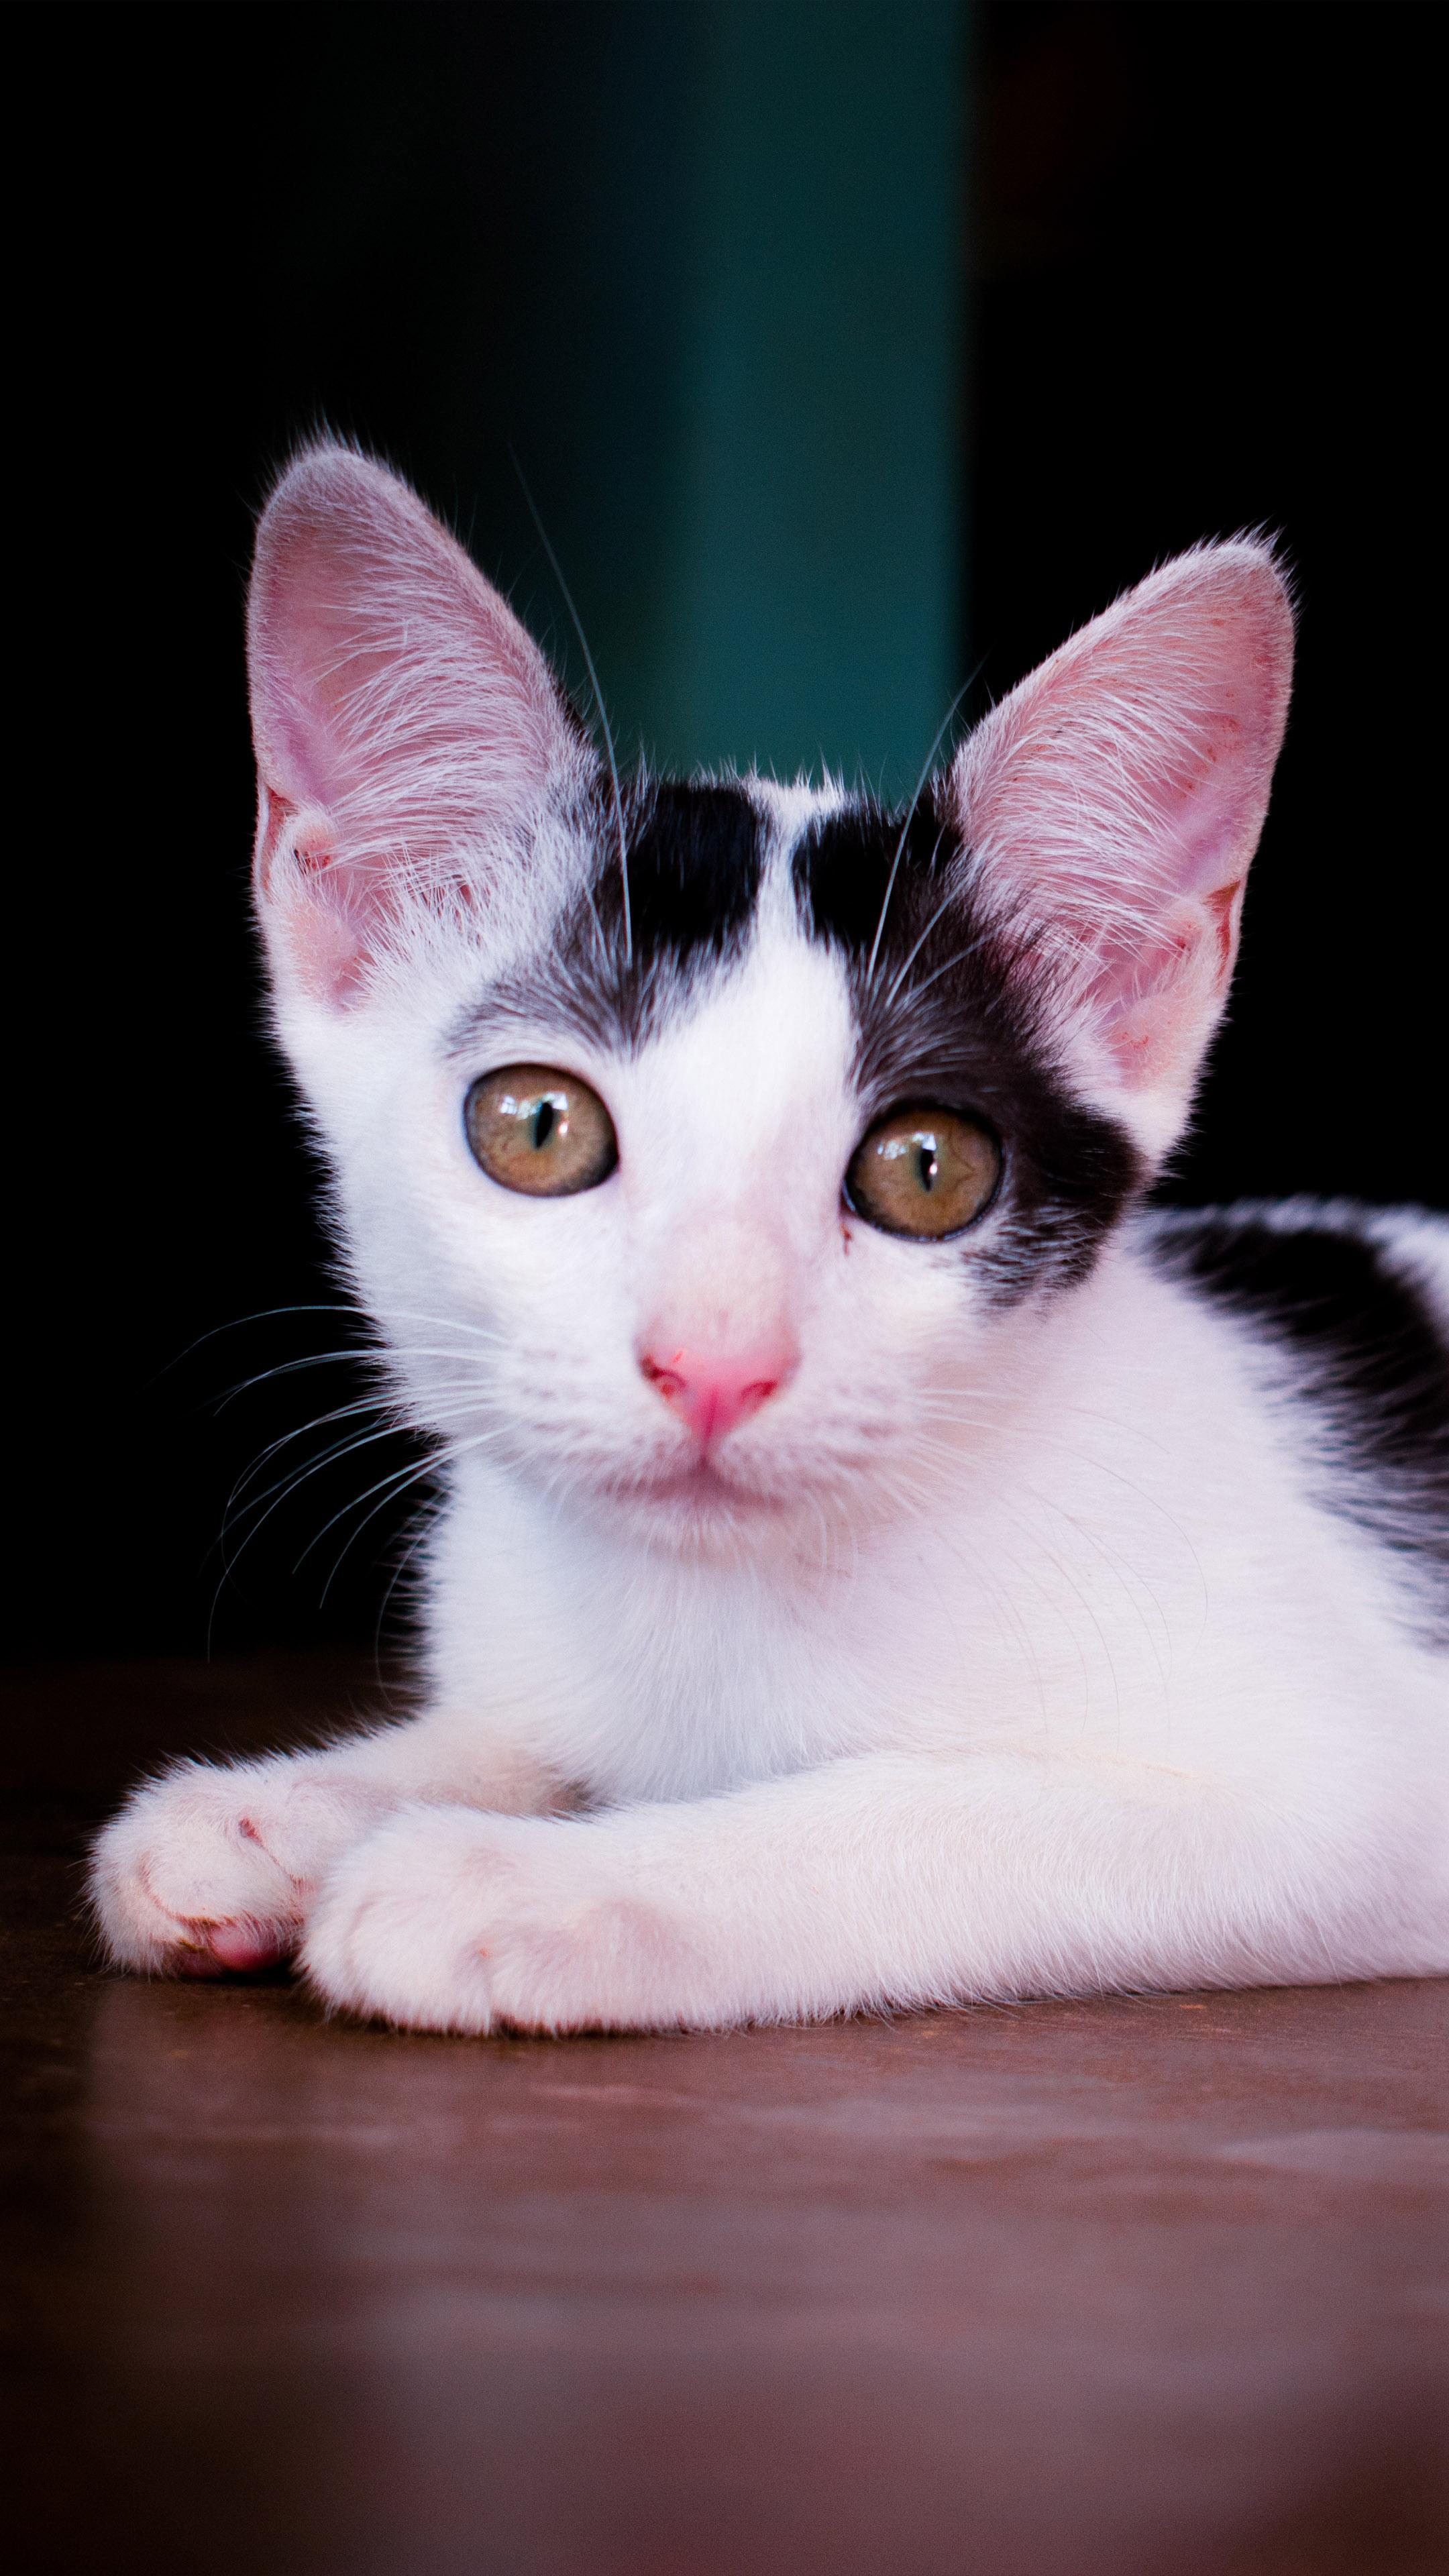 Spotty The Cutest Cat 4k Ultra Hd Mobile Wallpaper